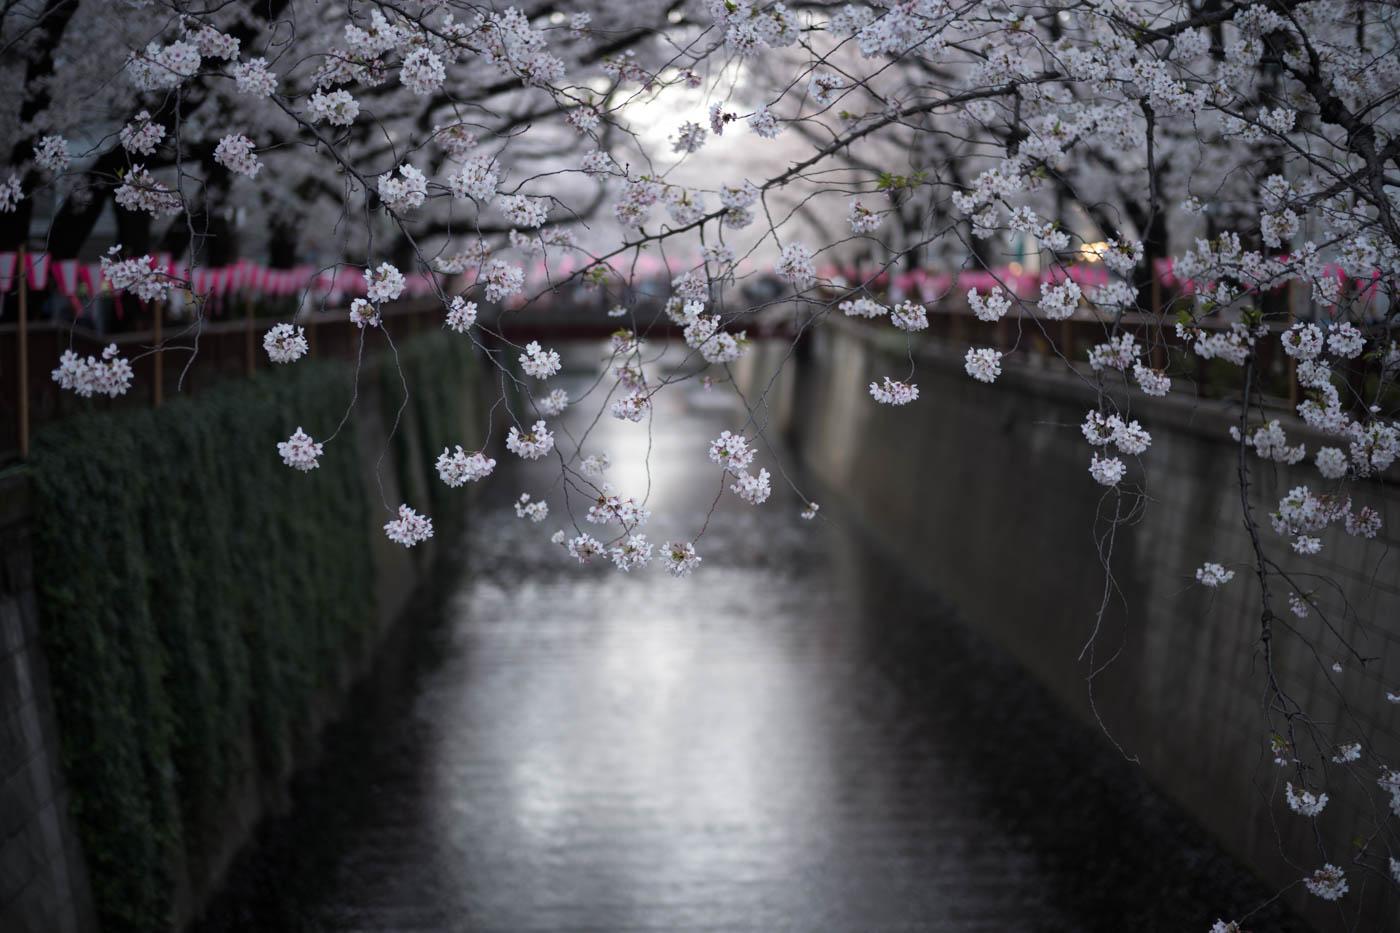 Nakameguro Cherry Blossoms at Meguro River